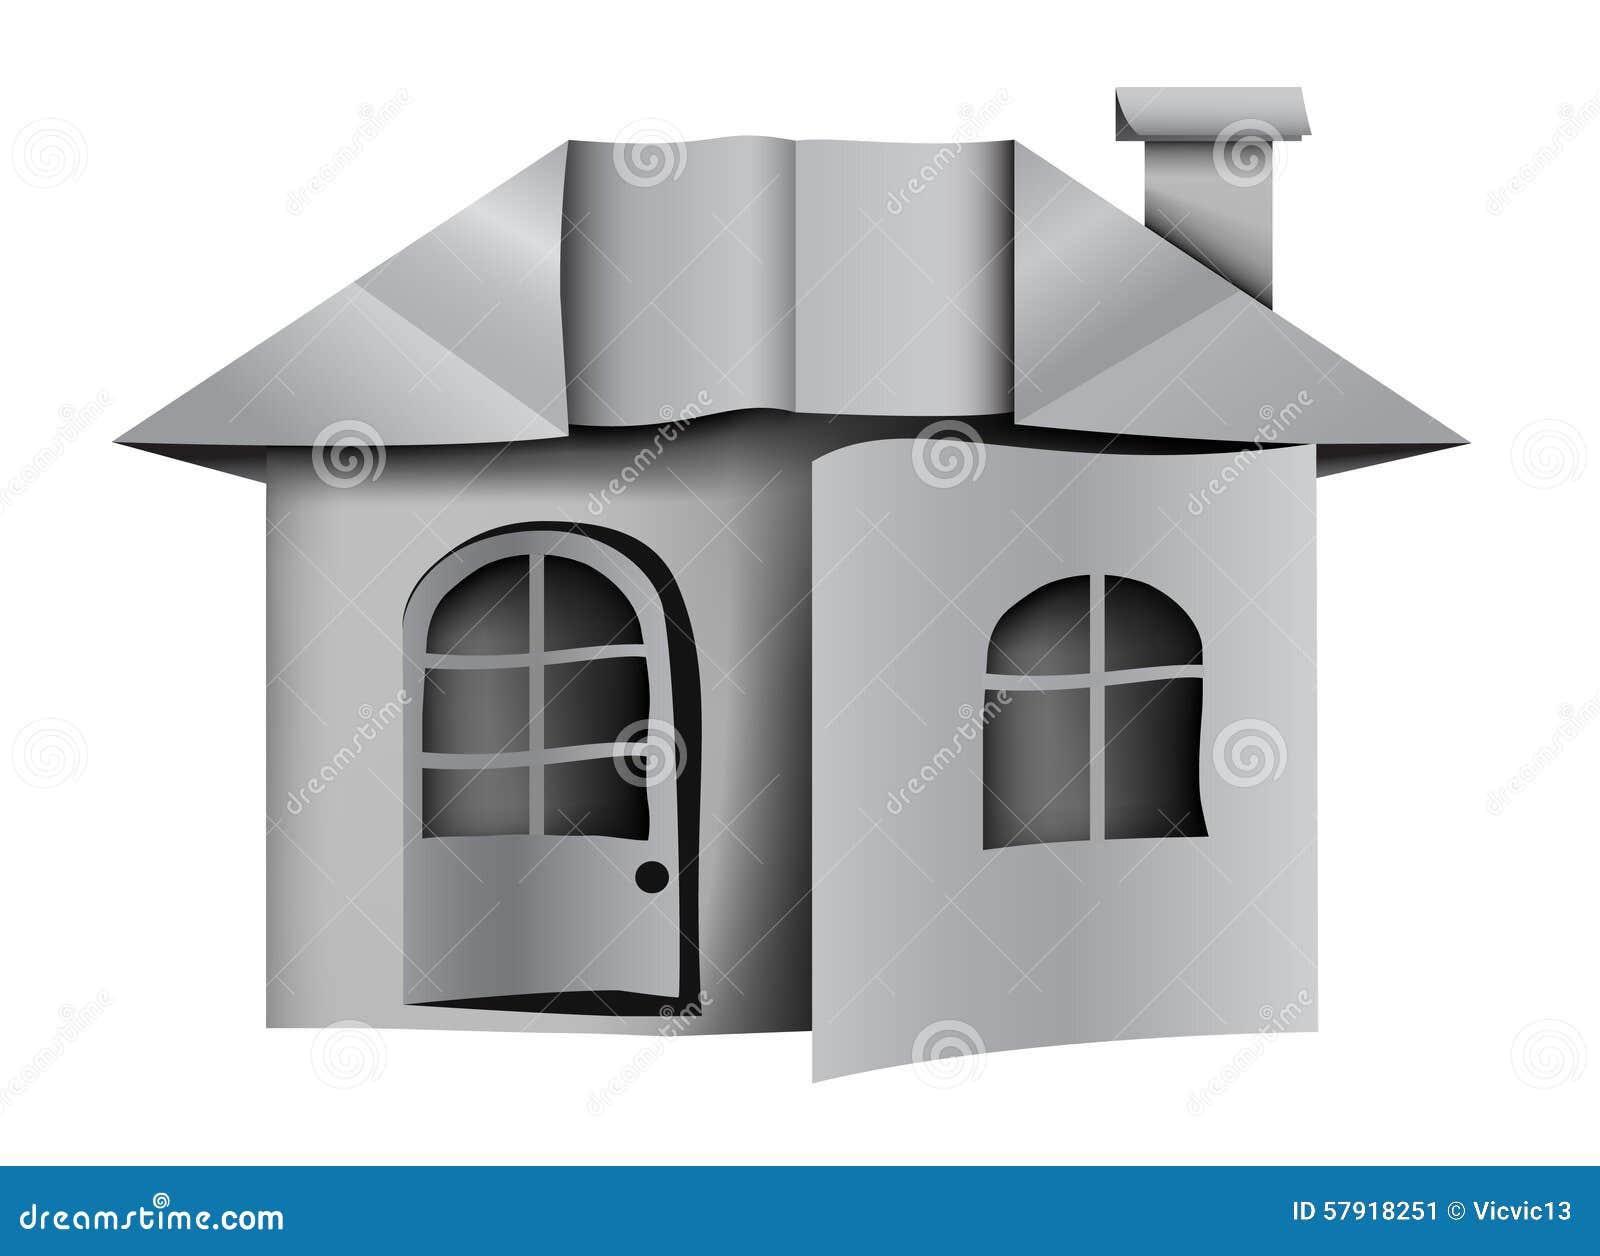 Architettura incarti la casa origami illustrazione for Architettura di casa online